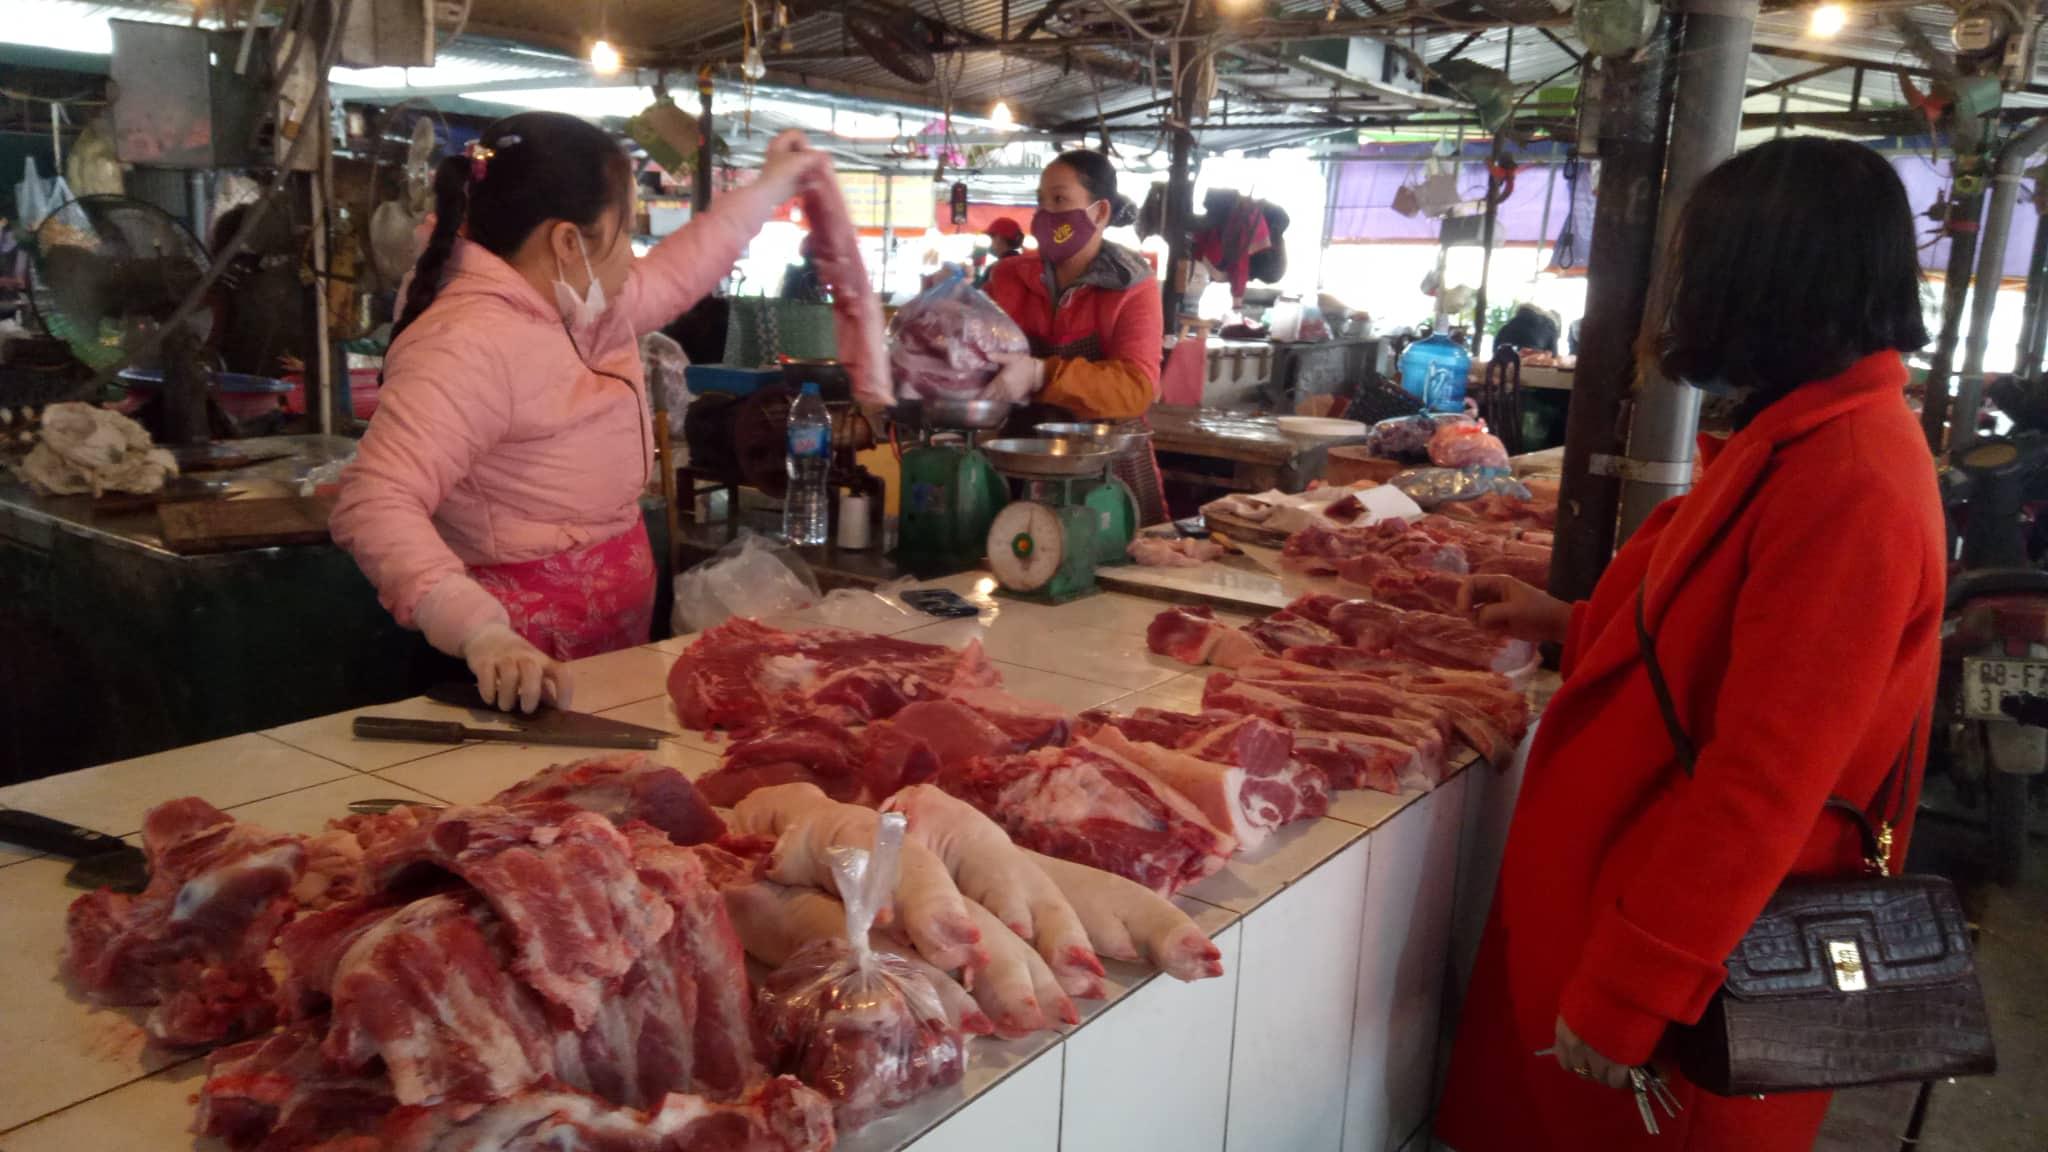 Thịt lợn: Bất chấp lệnh hạ giá, chợ và siêu thị vẫn cao ngất ngưởng - 1